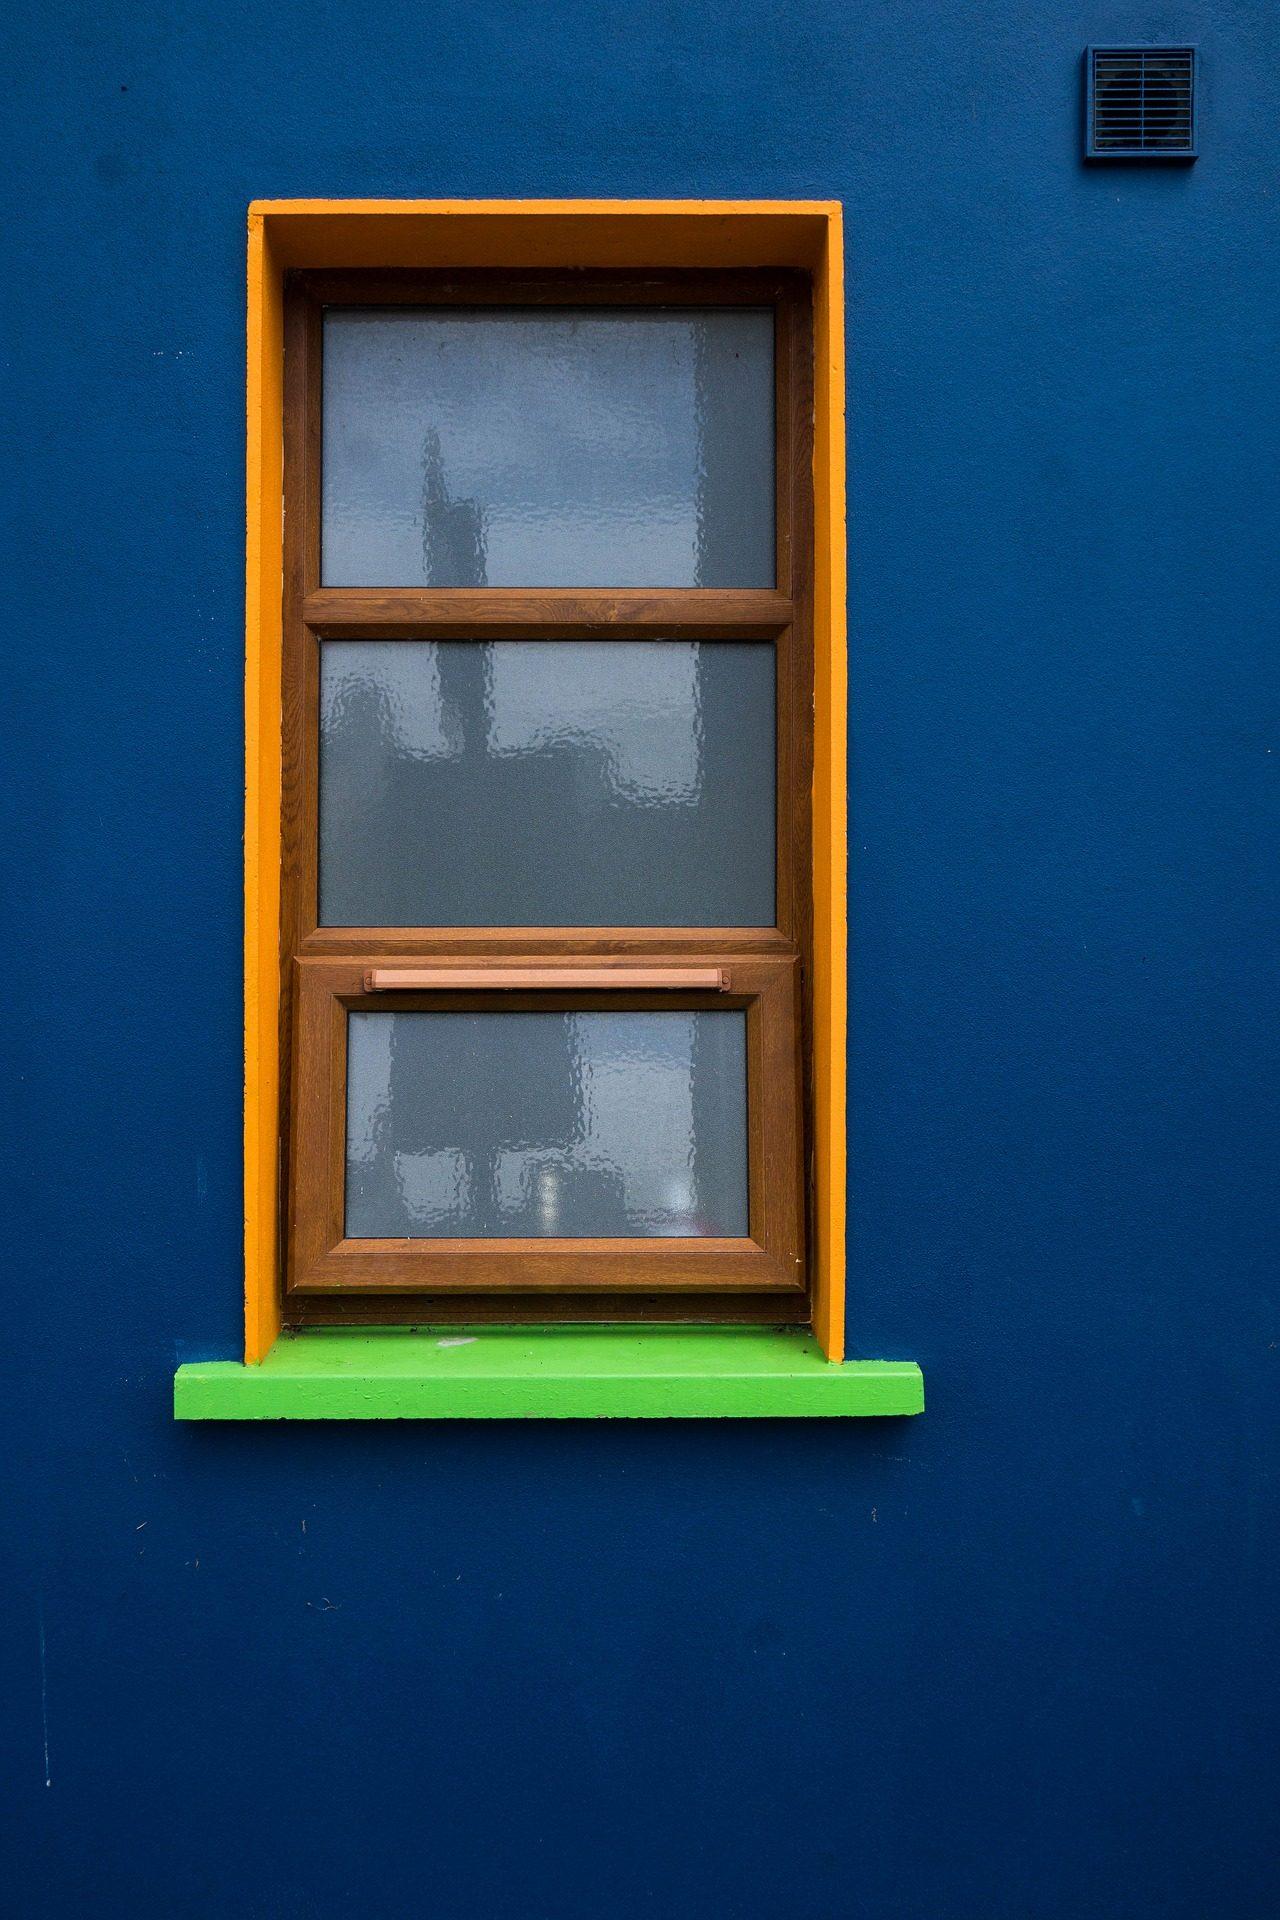 نافذة, الجدار, الإطار, كريستال, انعكاس, الأزرق - خلفيات عالية الدقة - أستاذ falken.com